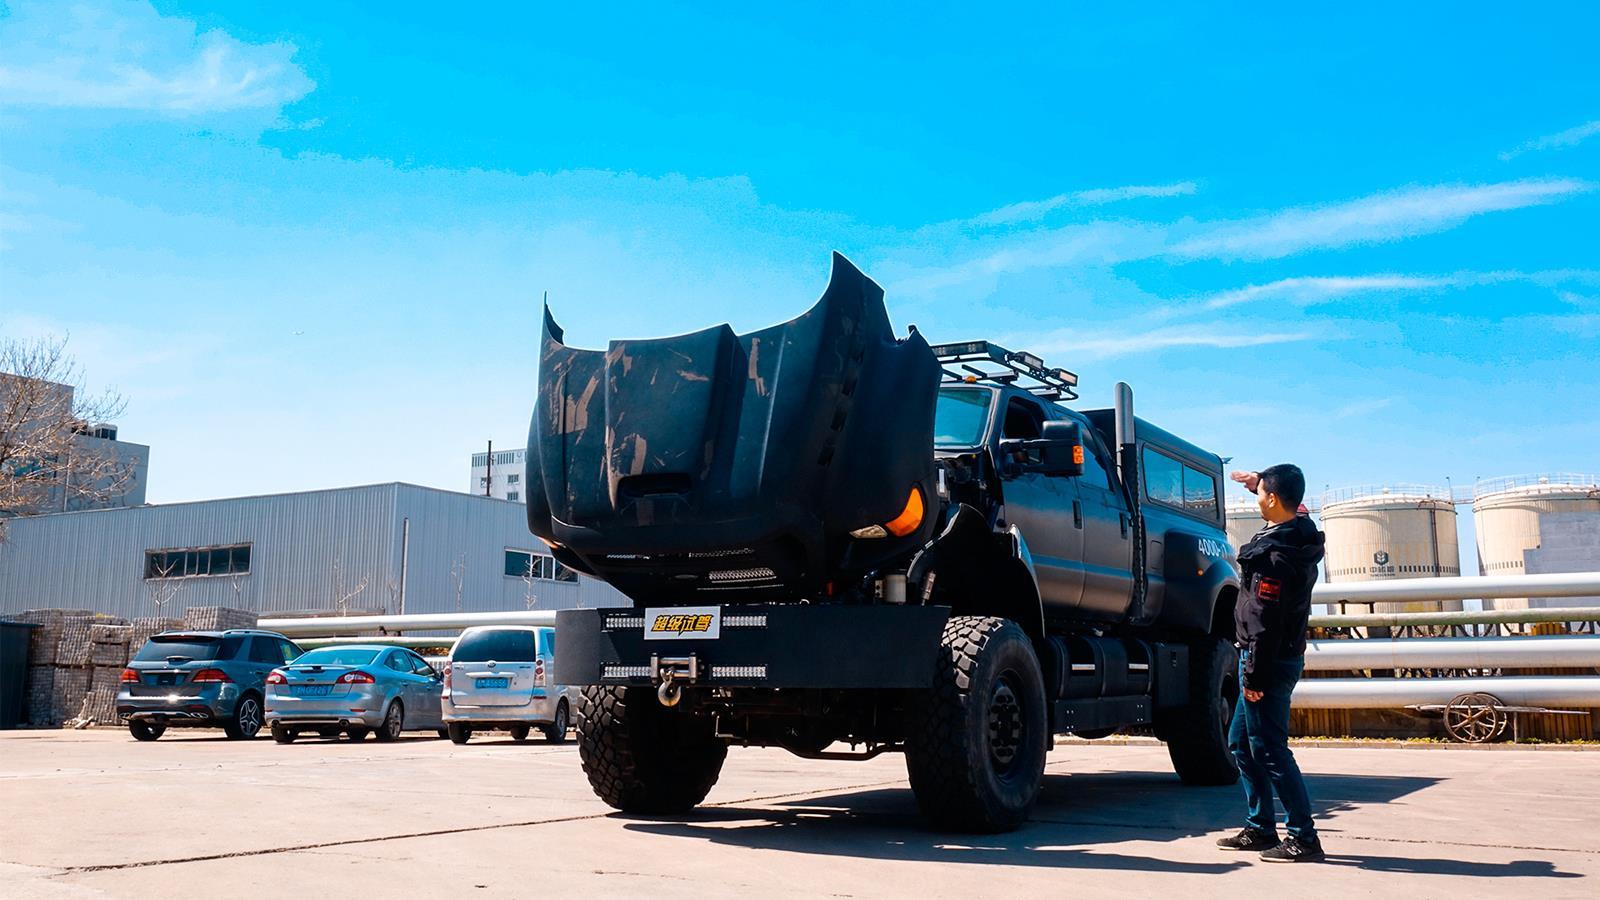 比迈巴赫62长 比乌尼莫克高 超级卡车F650猎奇